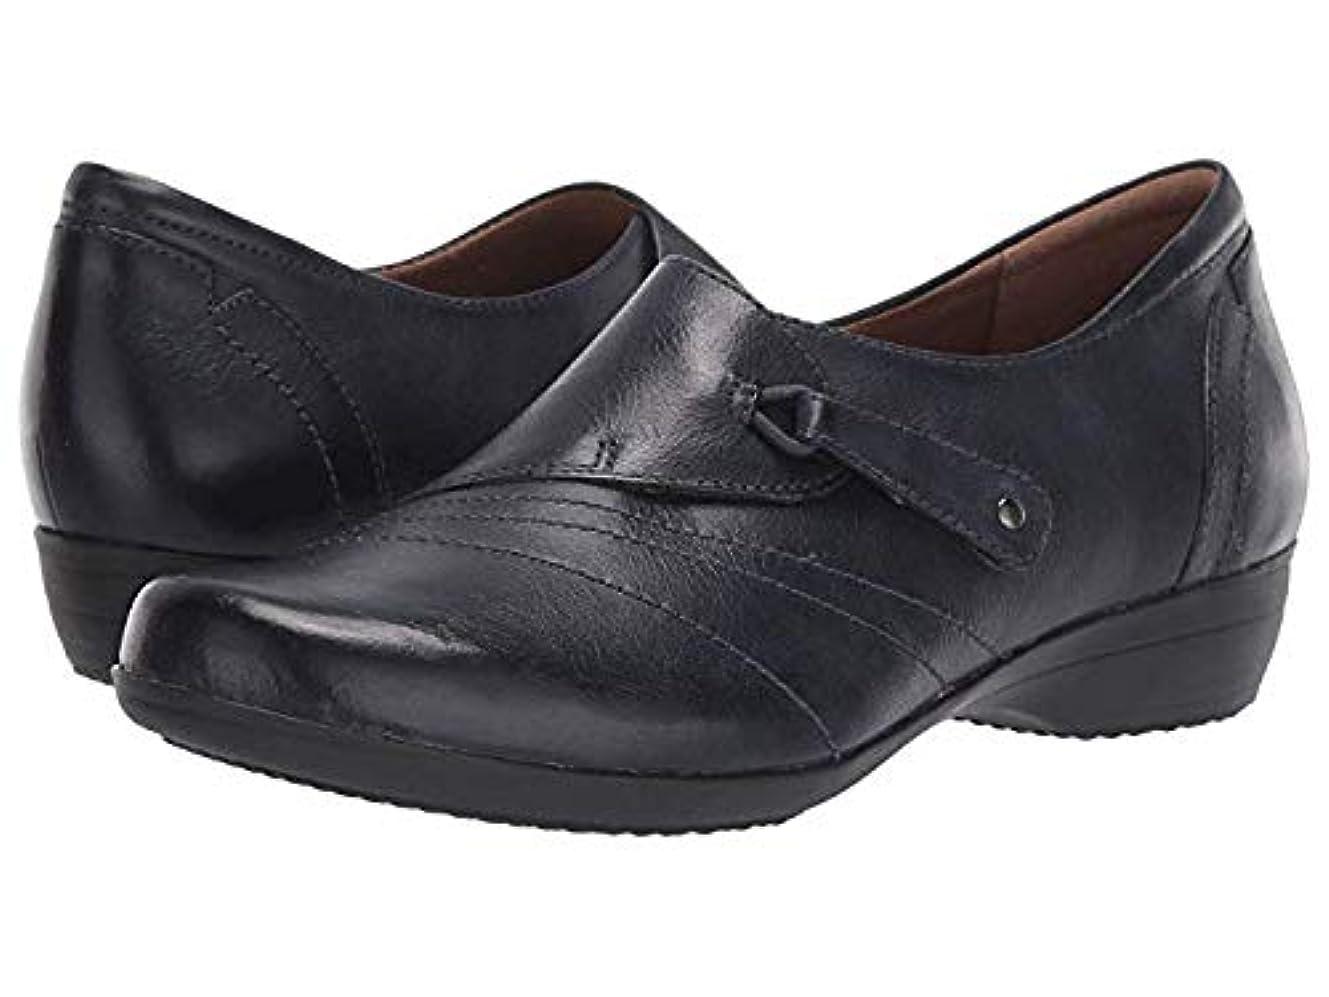 構想するアラブサラボ適格レディースローファー?靴 Franny Navy Burnished Calf (23.5-24cm) Regular [並行輸入品]